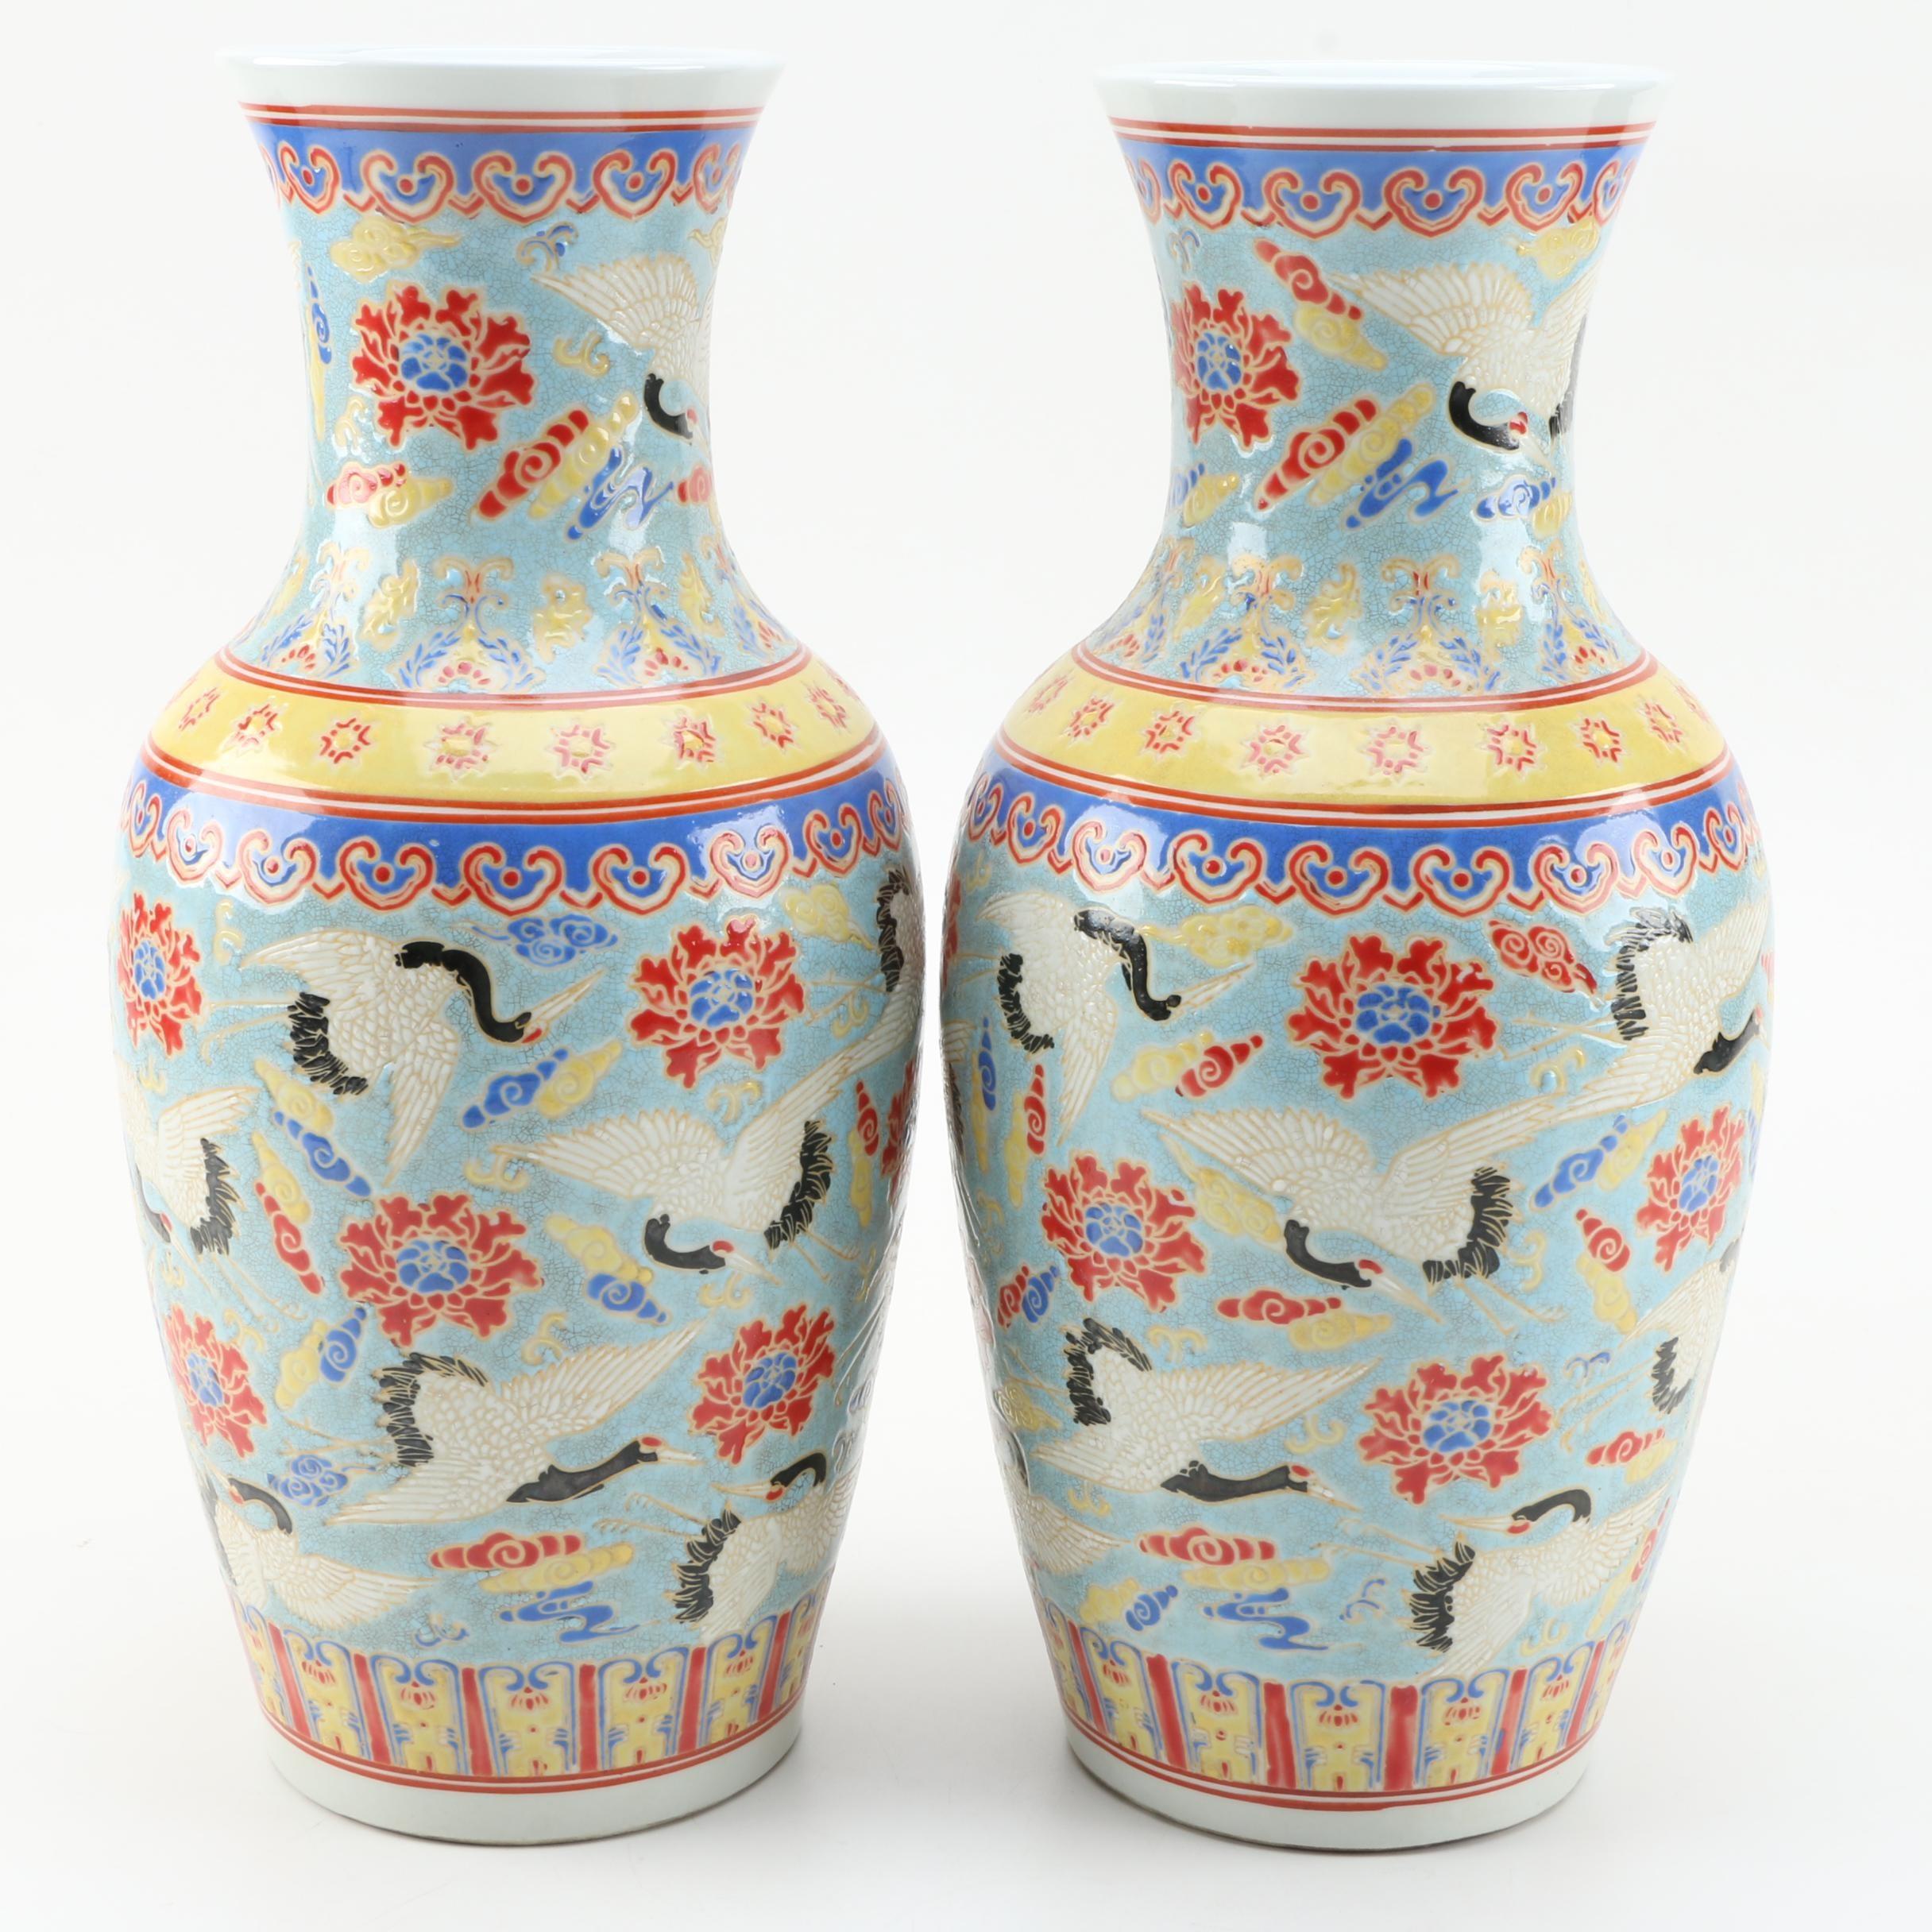 Matching Chinese Crane Vases